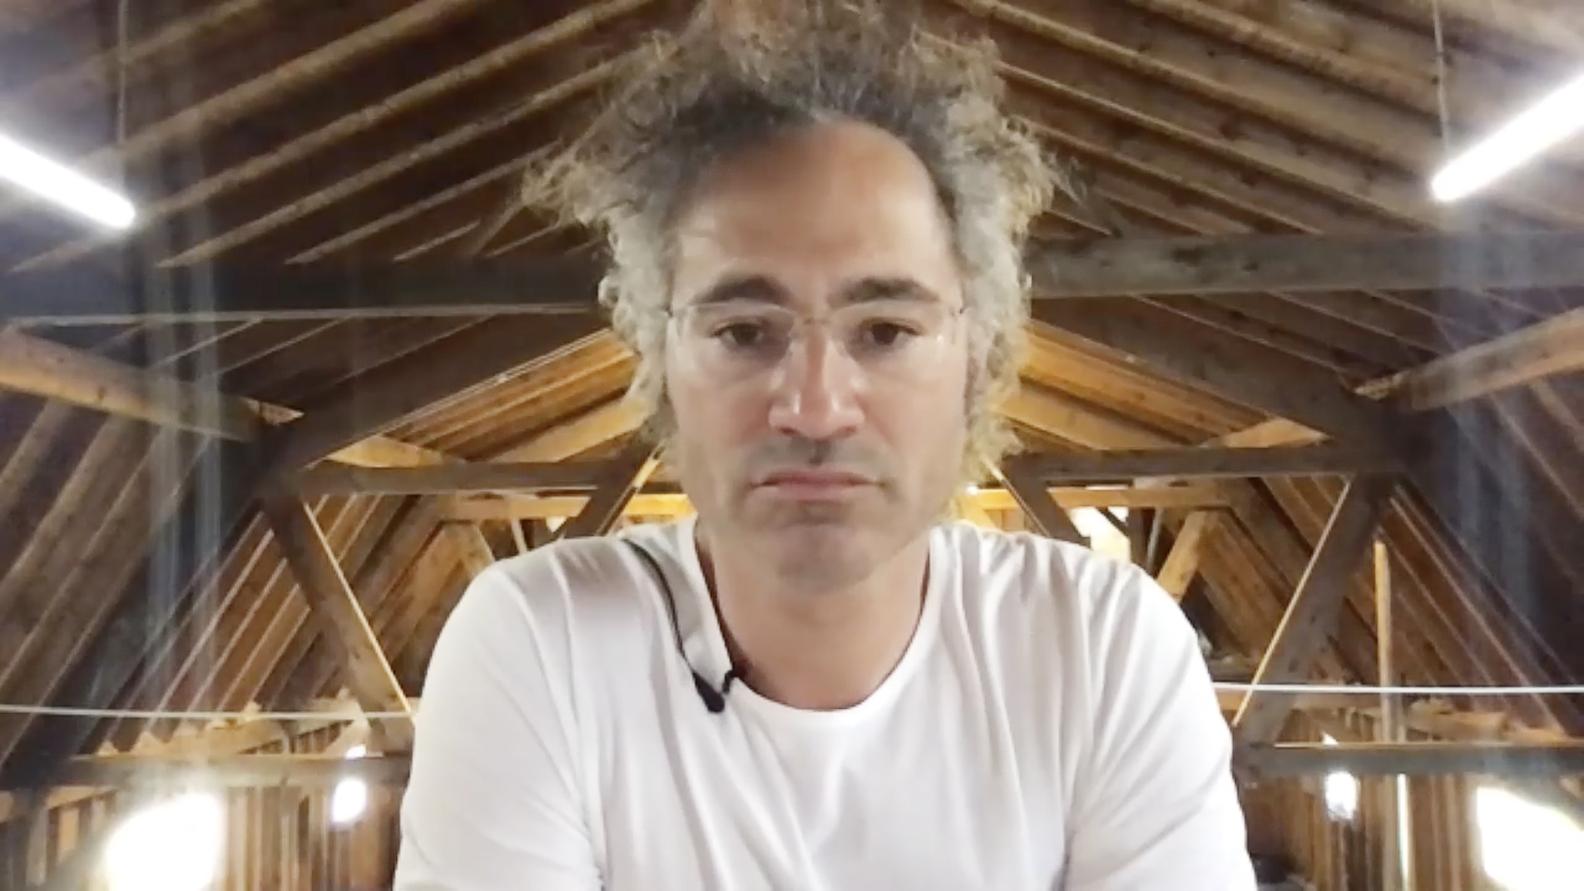 Palantir Co-Founder and CEO Alex Karp